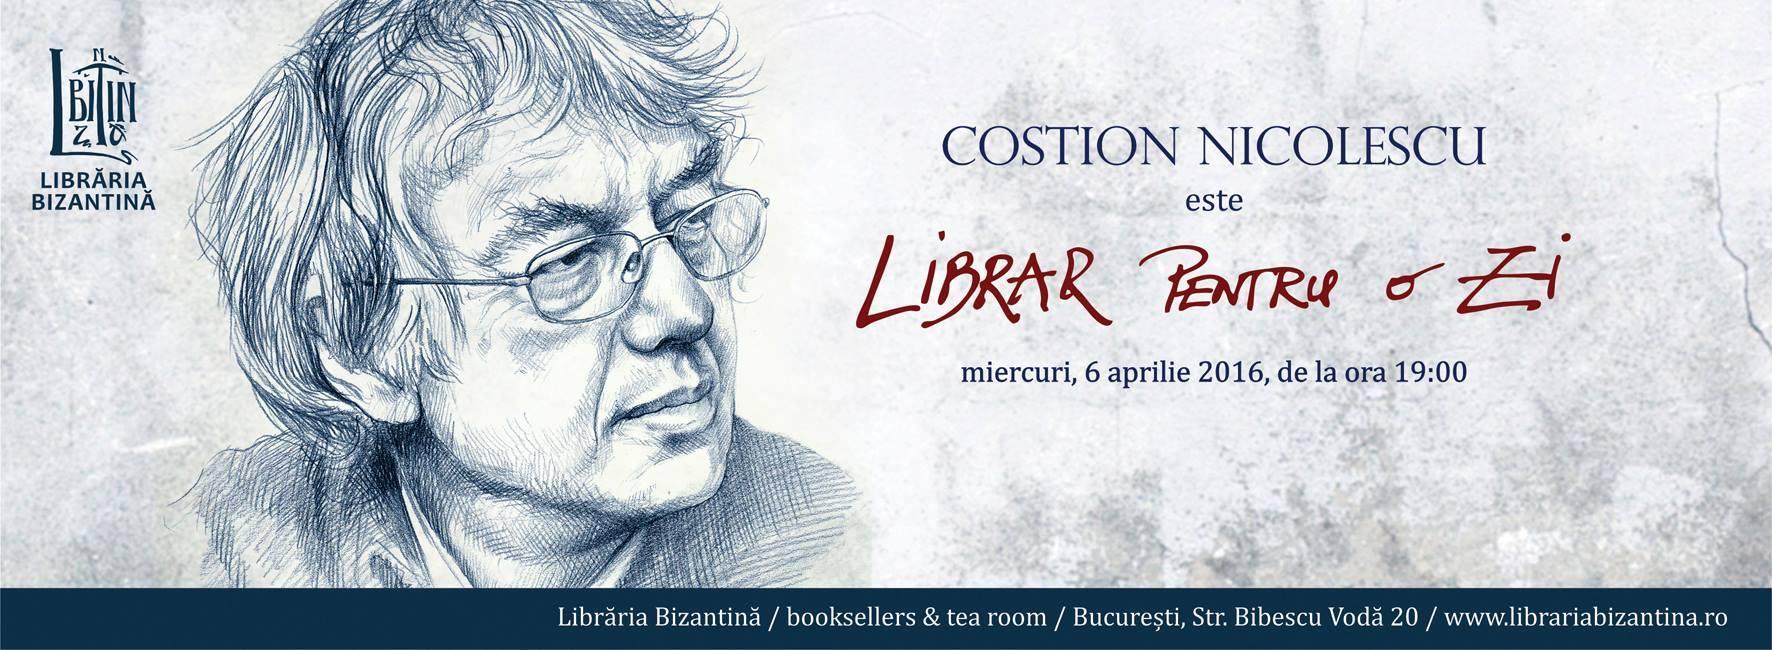 Librar pentru o zi este Costion Nicolescu